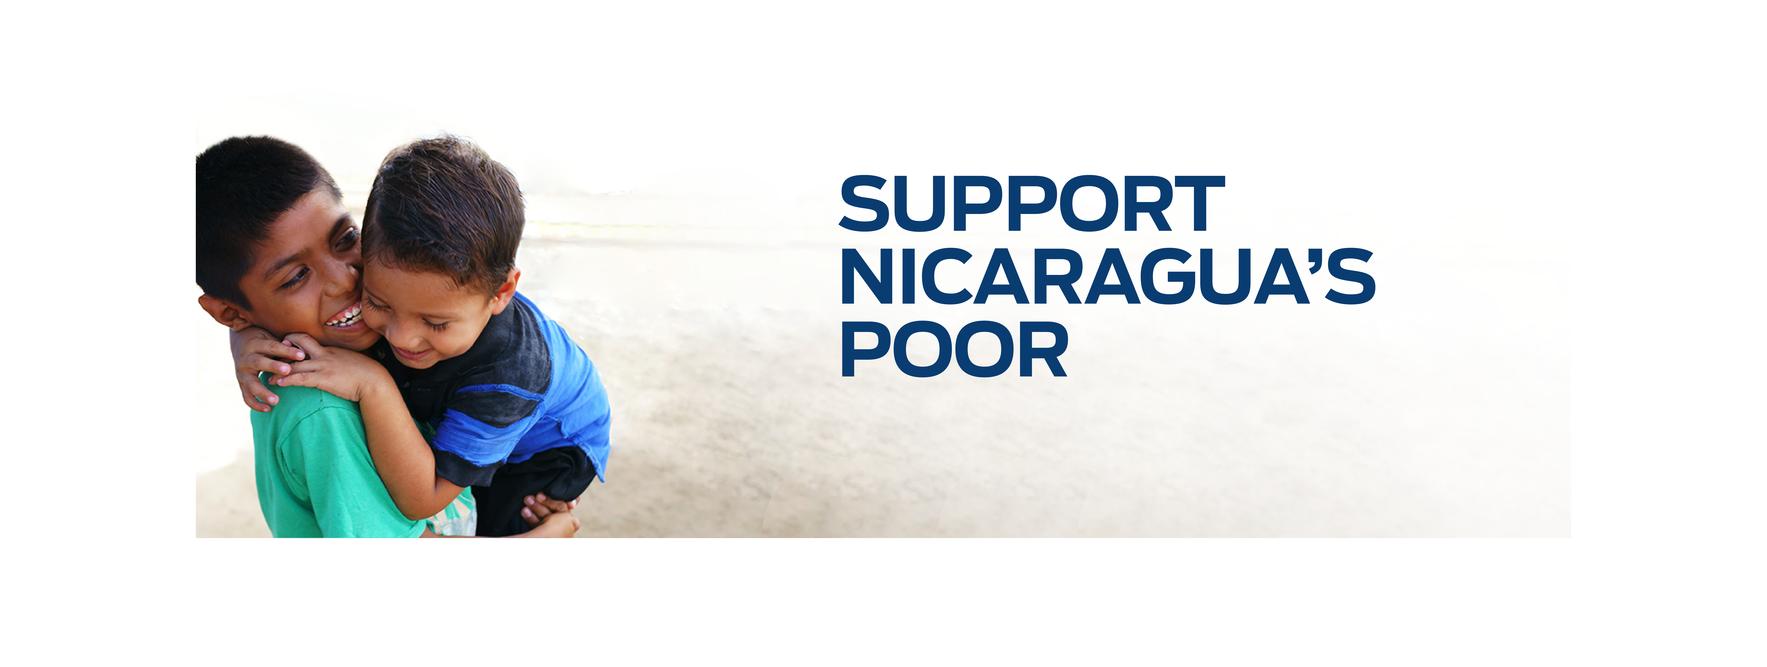 Let's transform the lives of underprivileged Nicaraguans! image